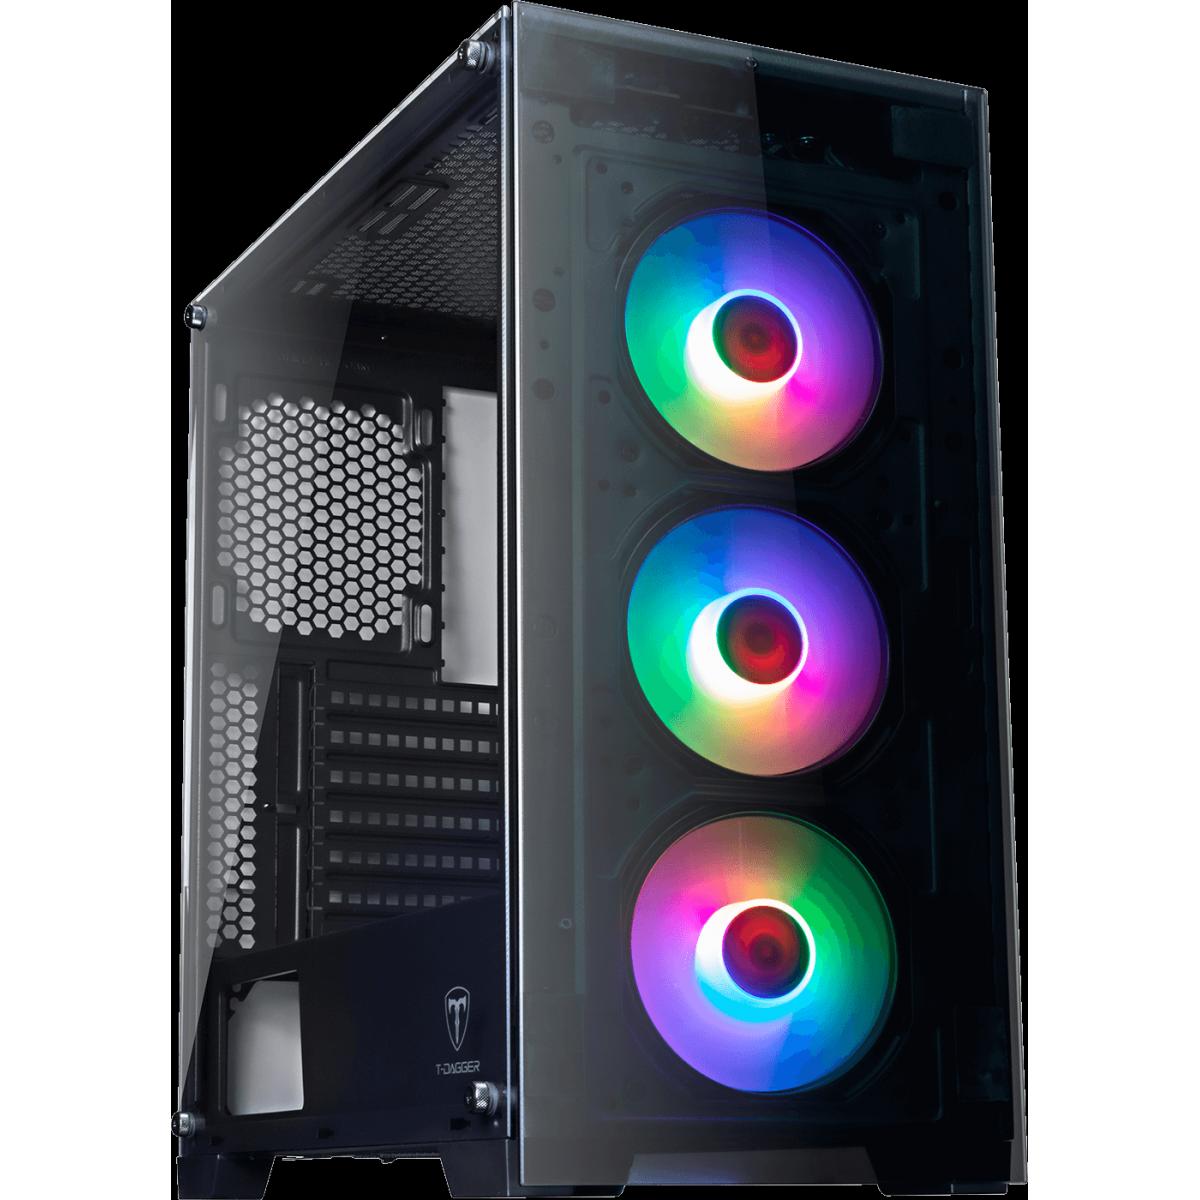 Pc Gamer T-General Lvl-5 Amd Ryzen 5 3600 / Radeon NAVI RX 5700 8GB / DDR4 8GB / HD 1TB / 600W